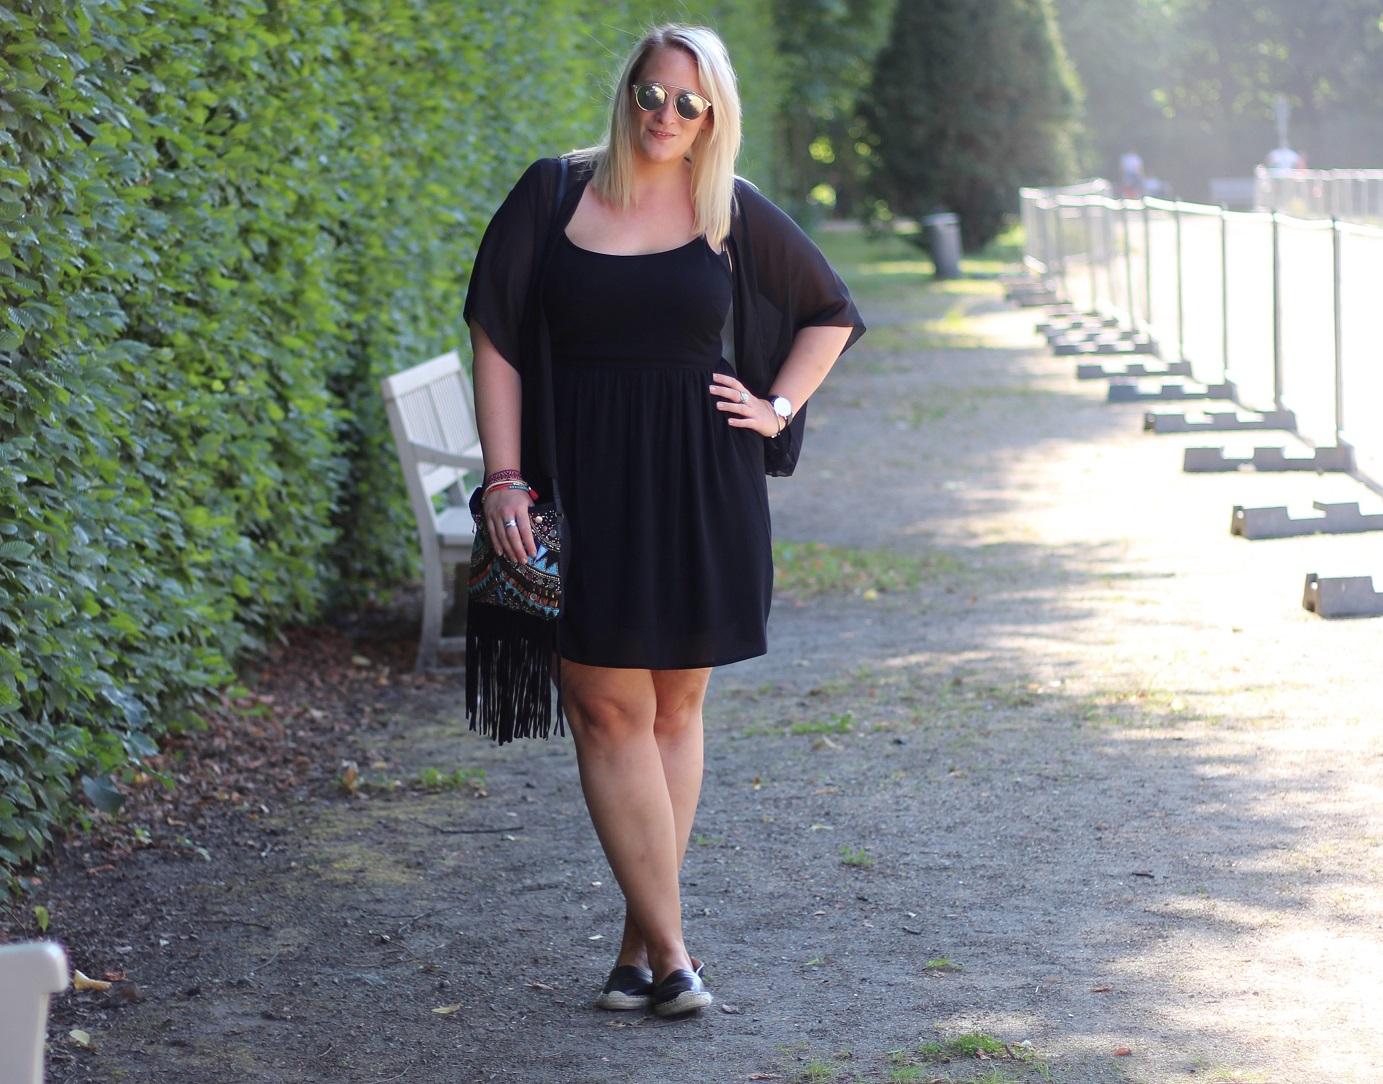 Figurschmeichelndes Kleid für große Größen - bei incurvy.de!